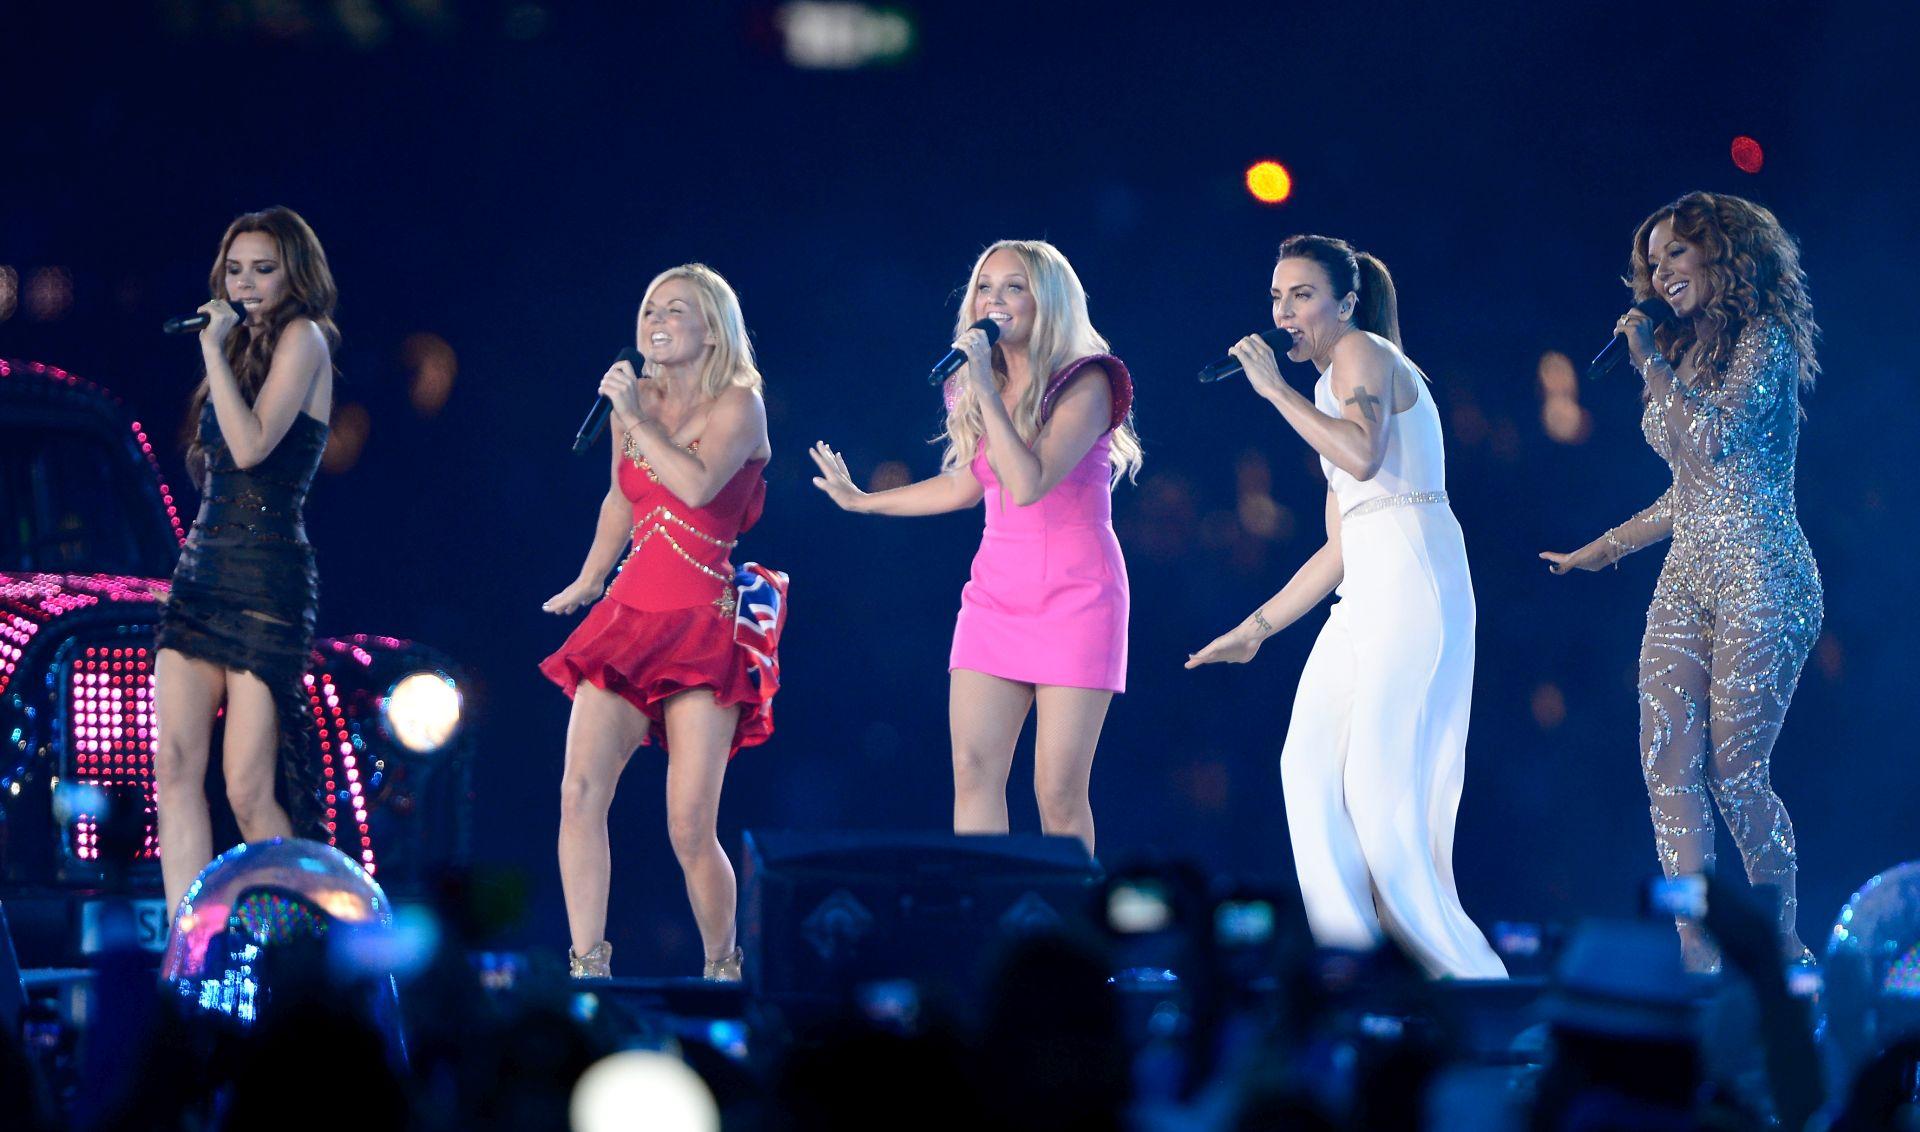 KULTUROLOŠKI FENOMEN DEVEDESETIH Spice Girls neće se ponovno okupiti